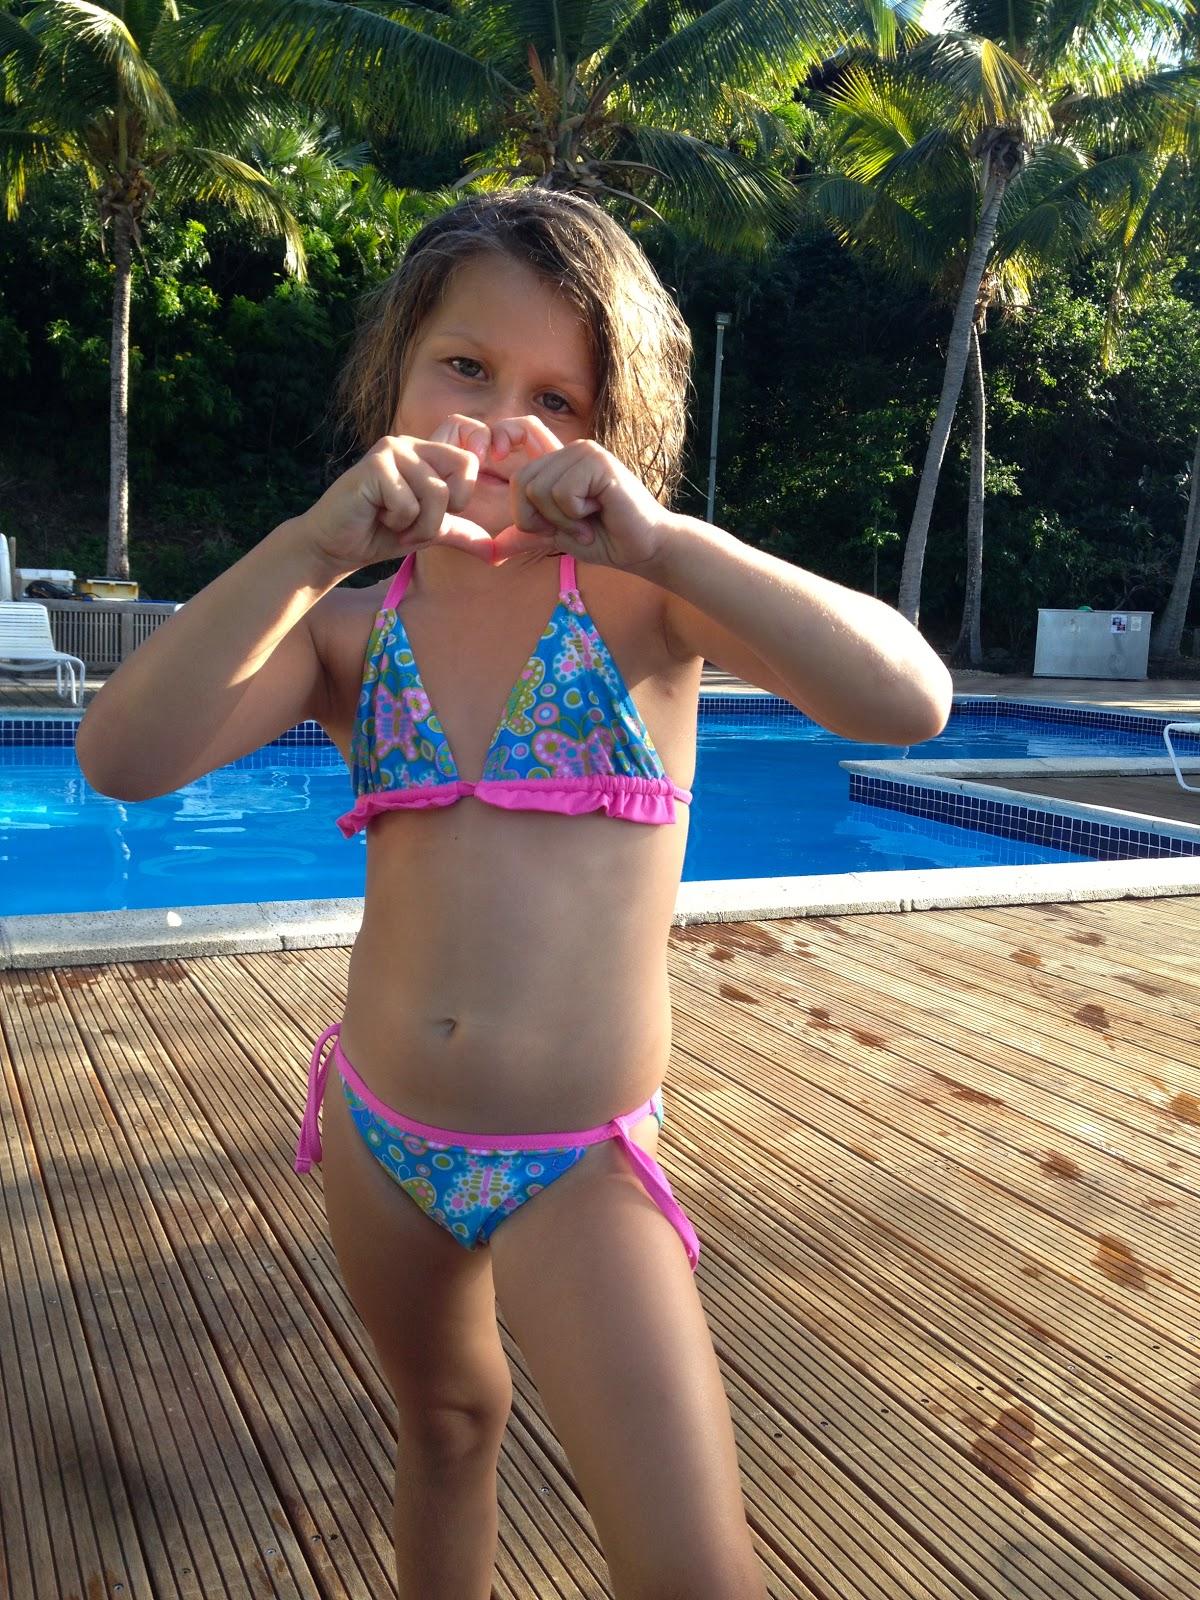 norske jenter i bikini arbeidsplass kryssord